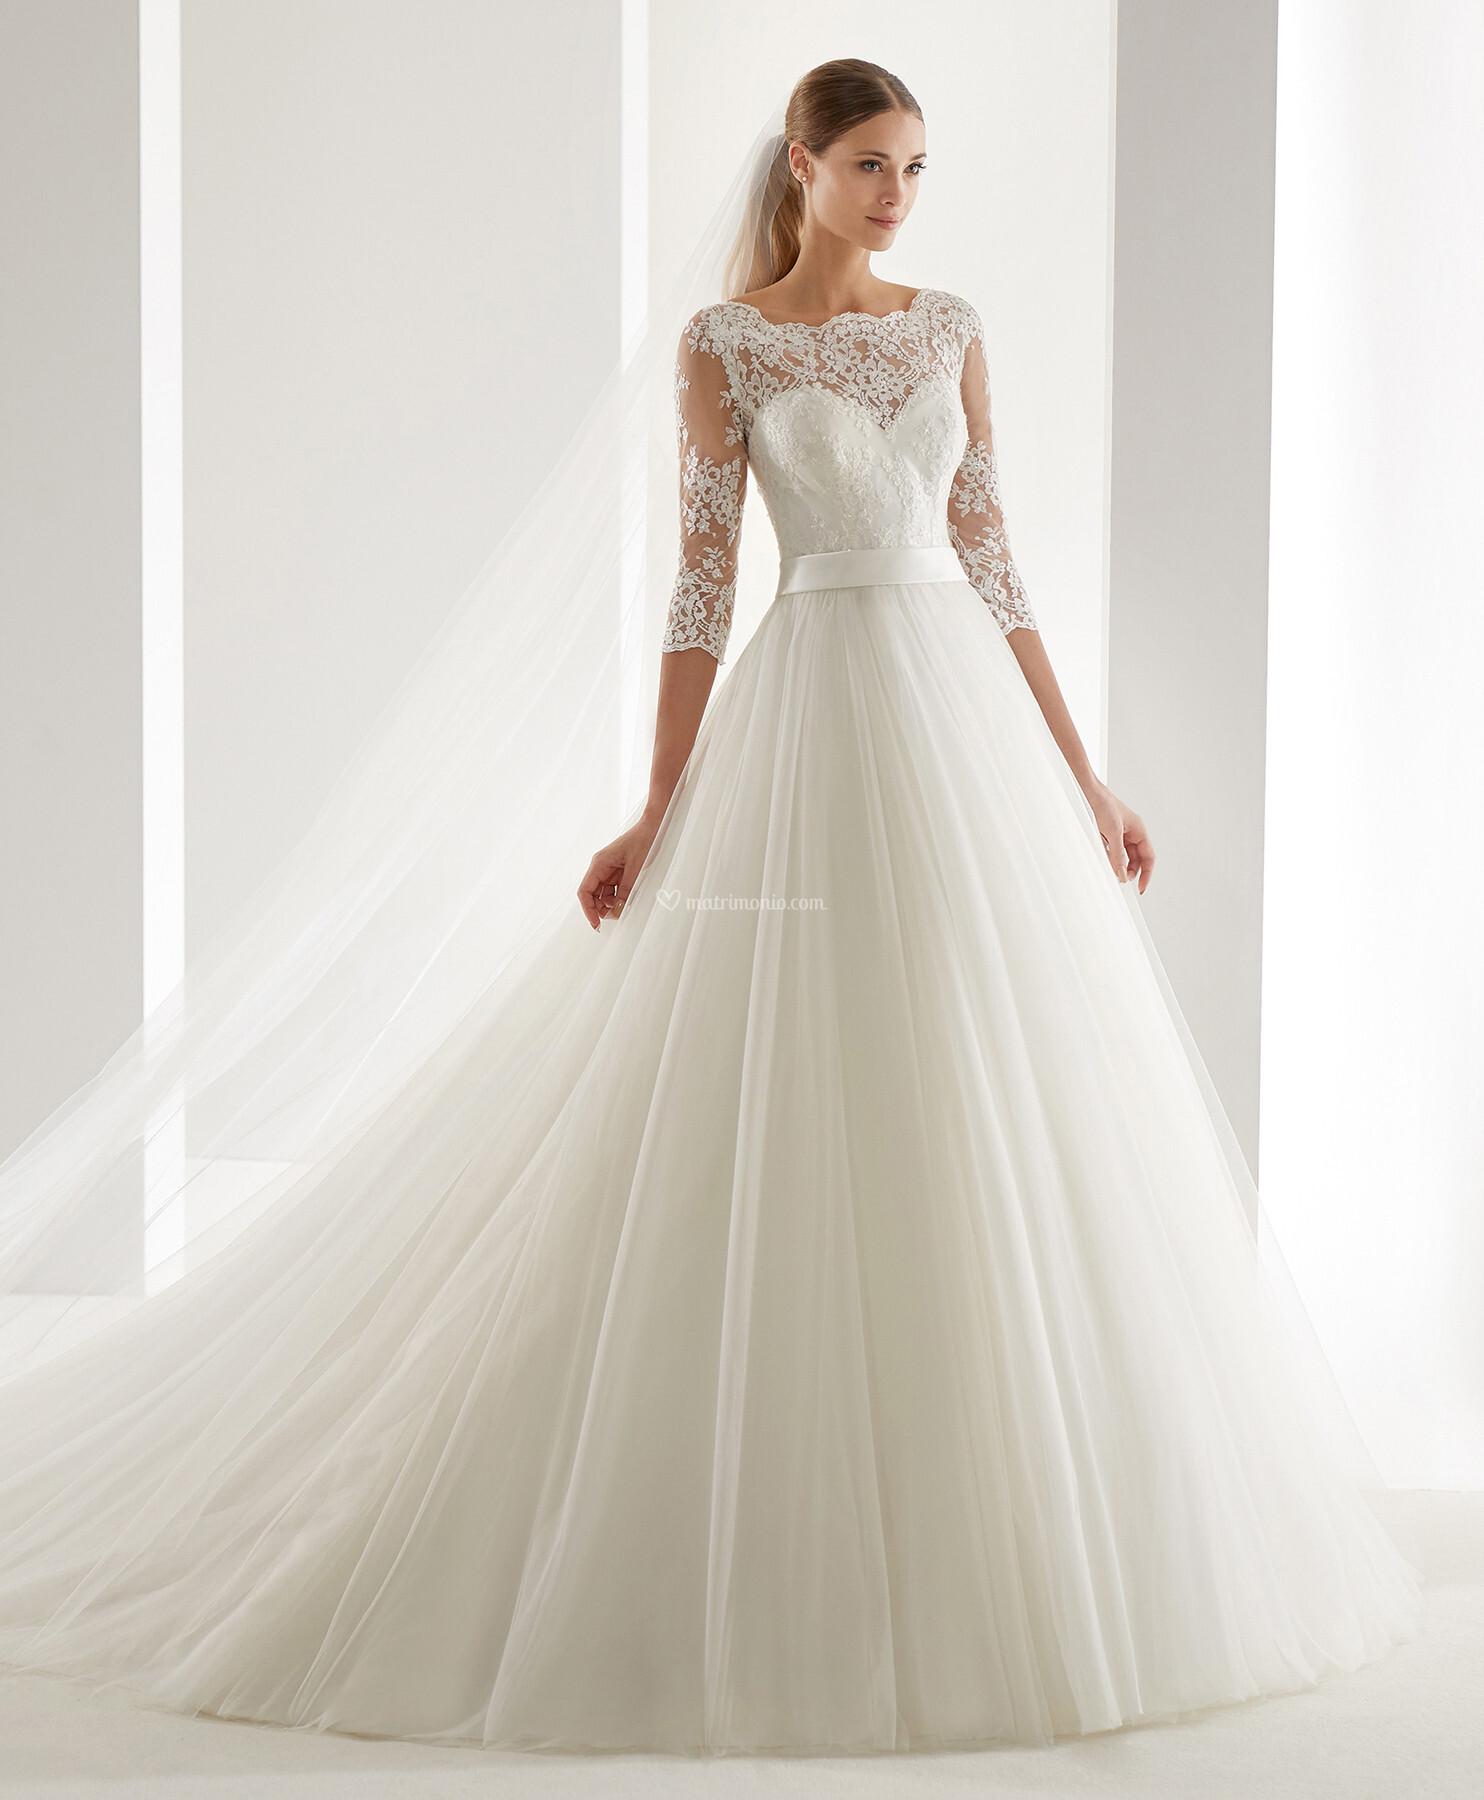 Abiti da Sposa di Aurora - Matrimonio.com ee3c456f734